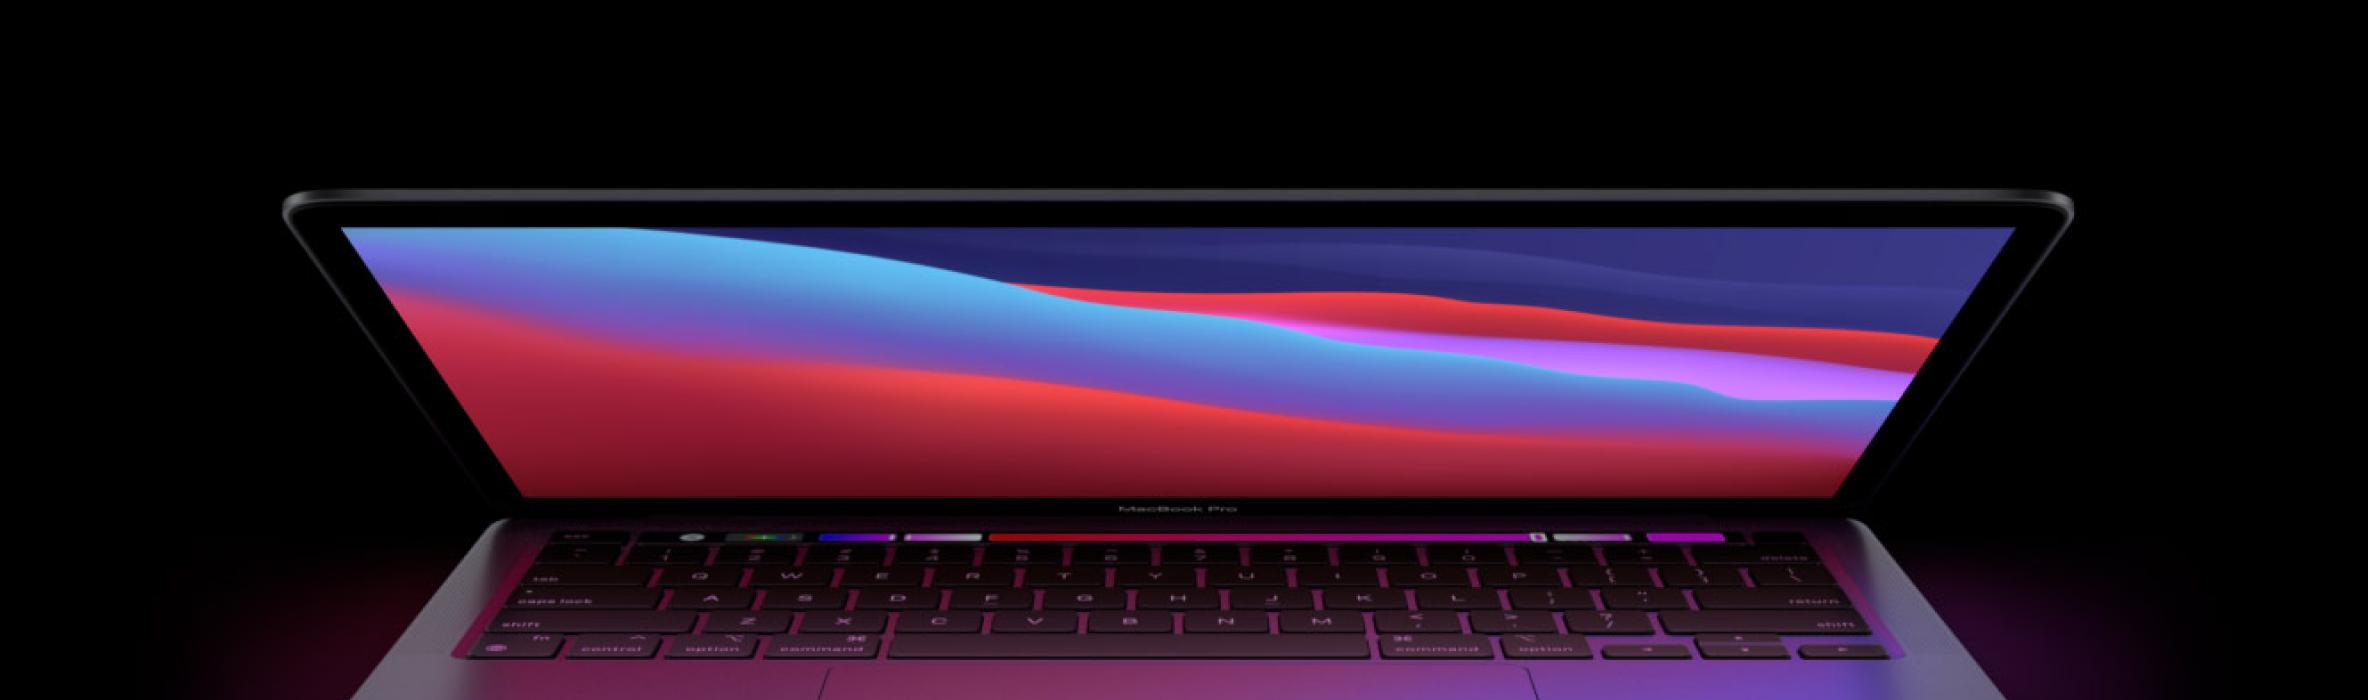 Ноутбук Apple MacBook Pro 13 Late 2020 — купить по выгодной цене на  Яндекс.Маркете